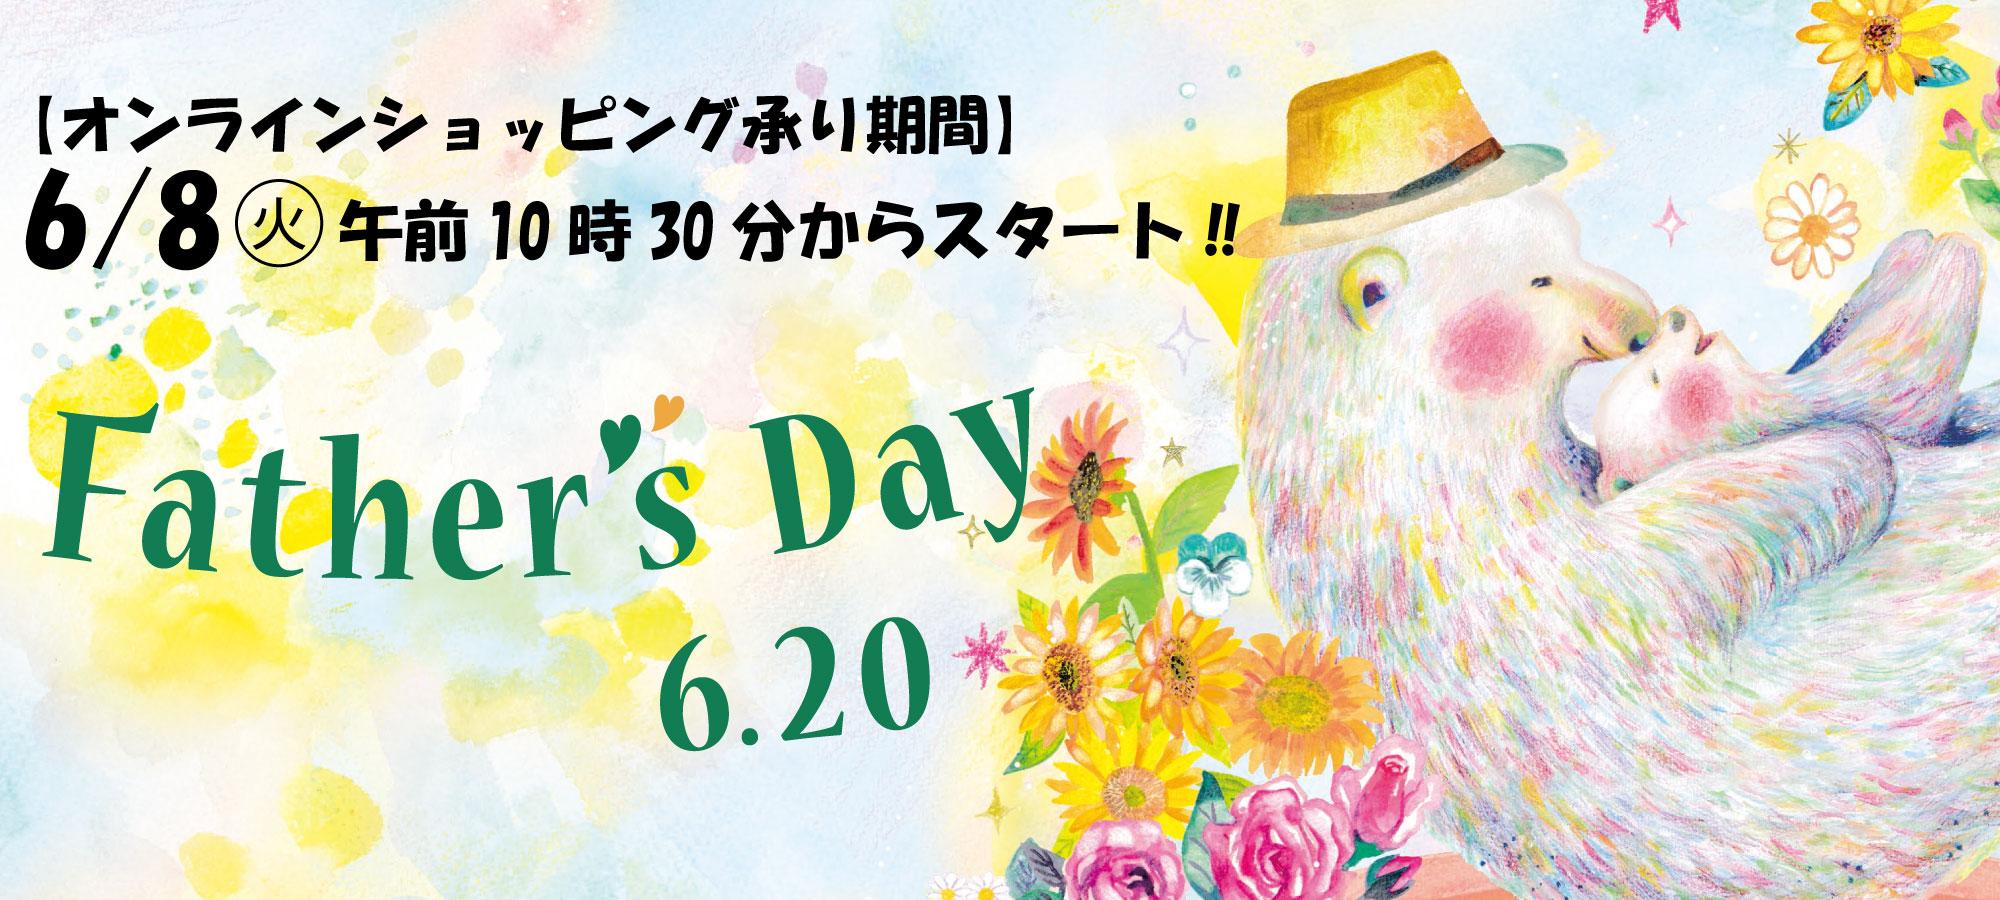 百貨店 オンライン 東武 <2021>百貨店のバレンタインイベントおすすめ10選!オンラインでも購入可【東京】|じゃらんニュース